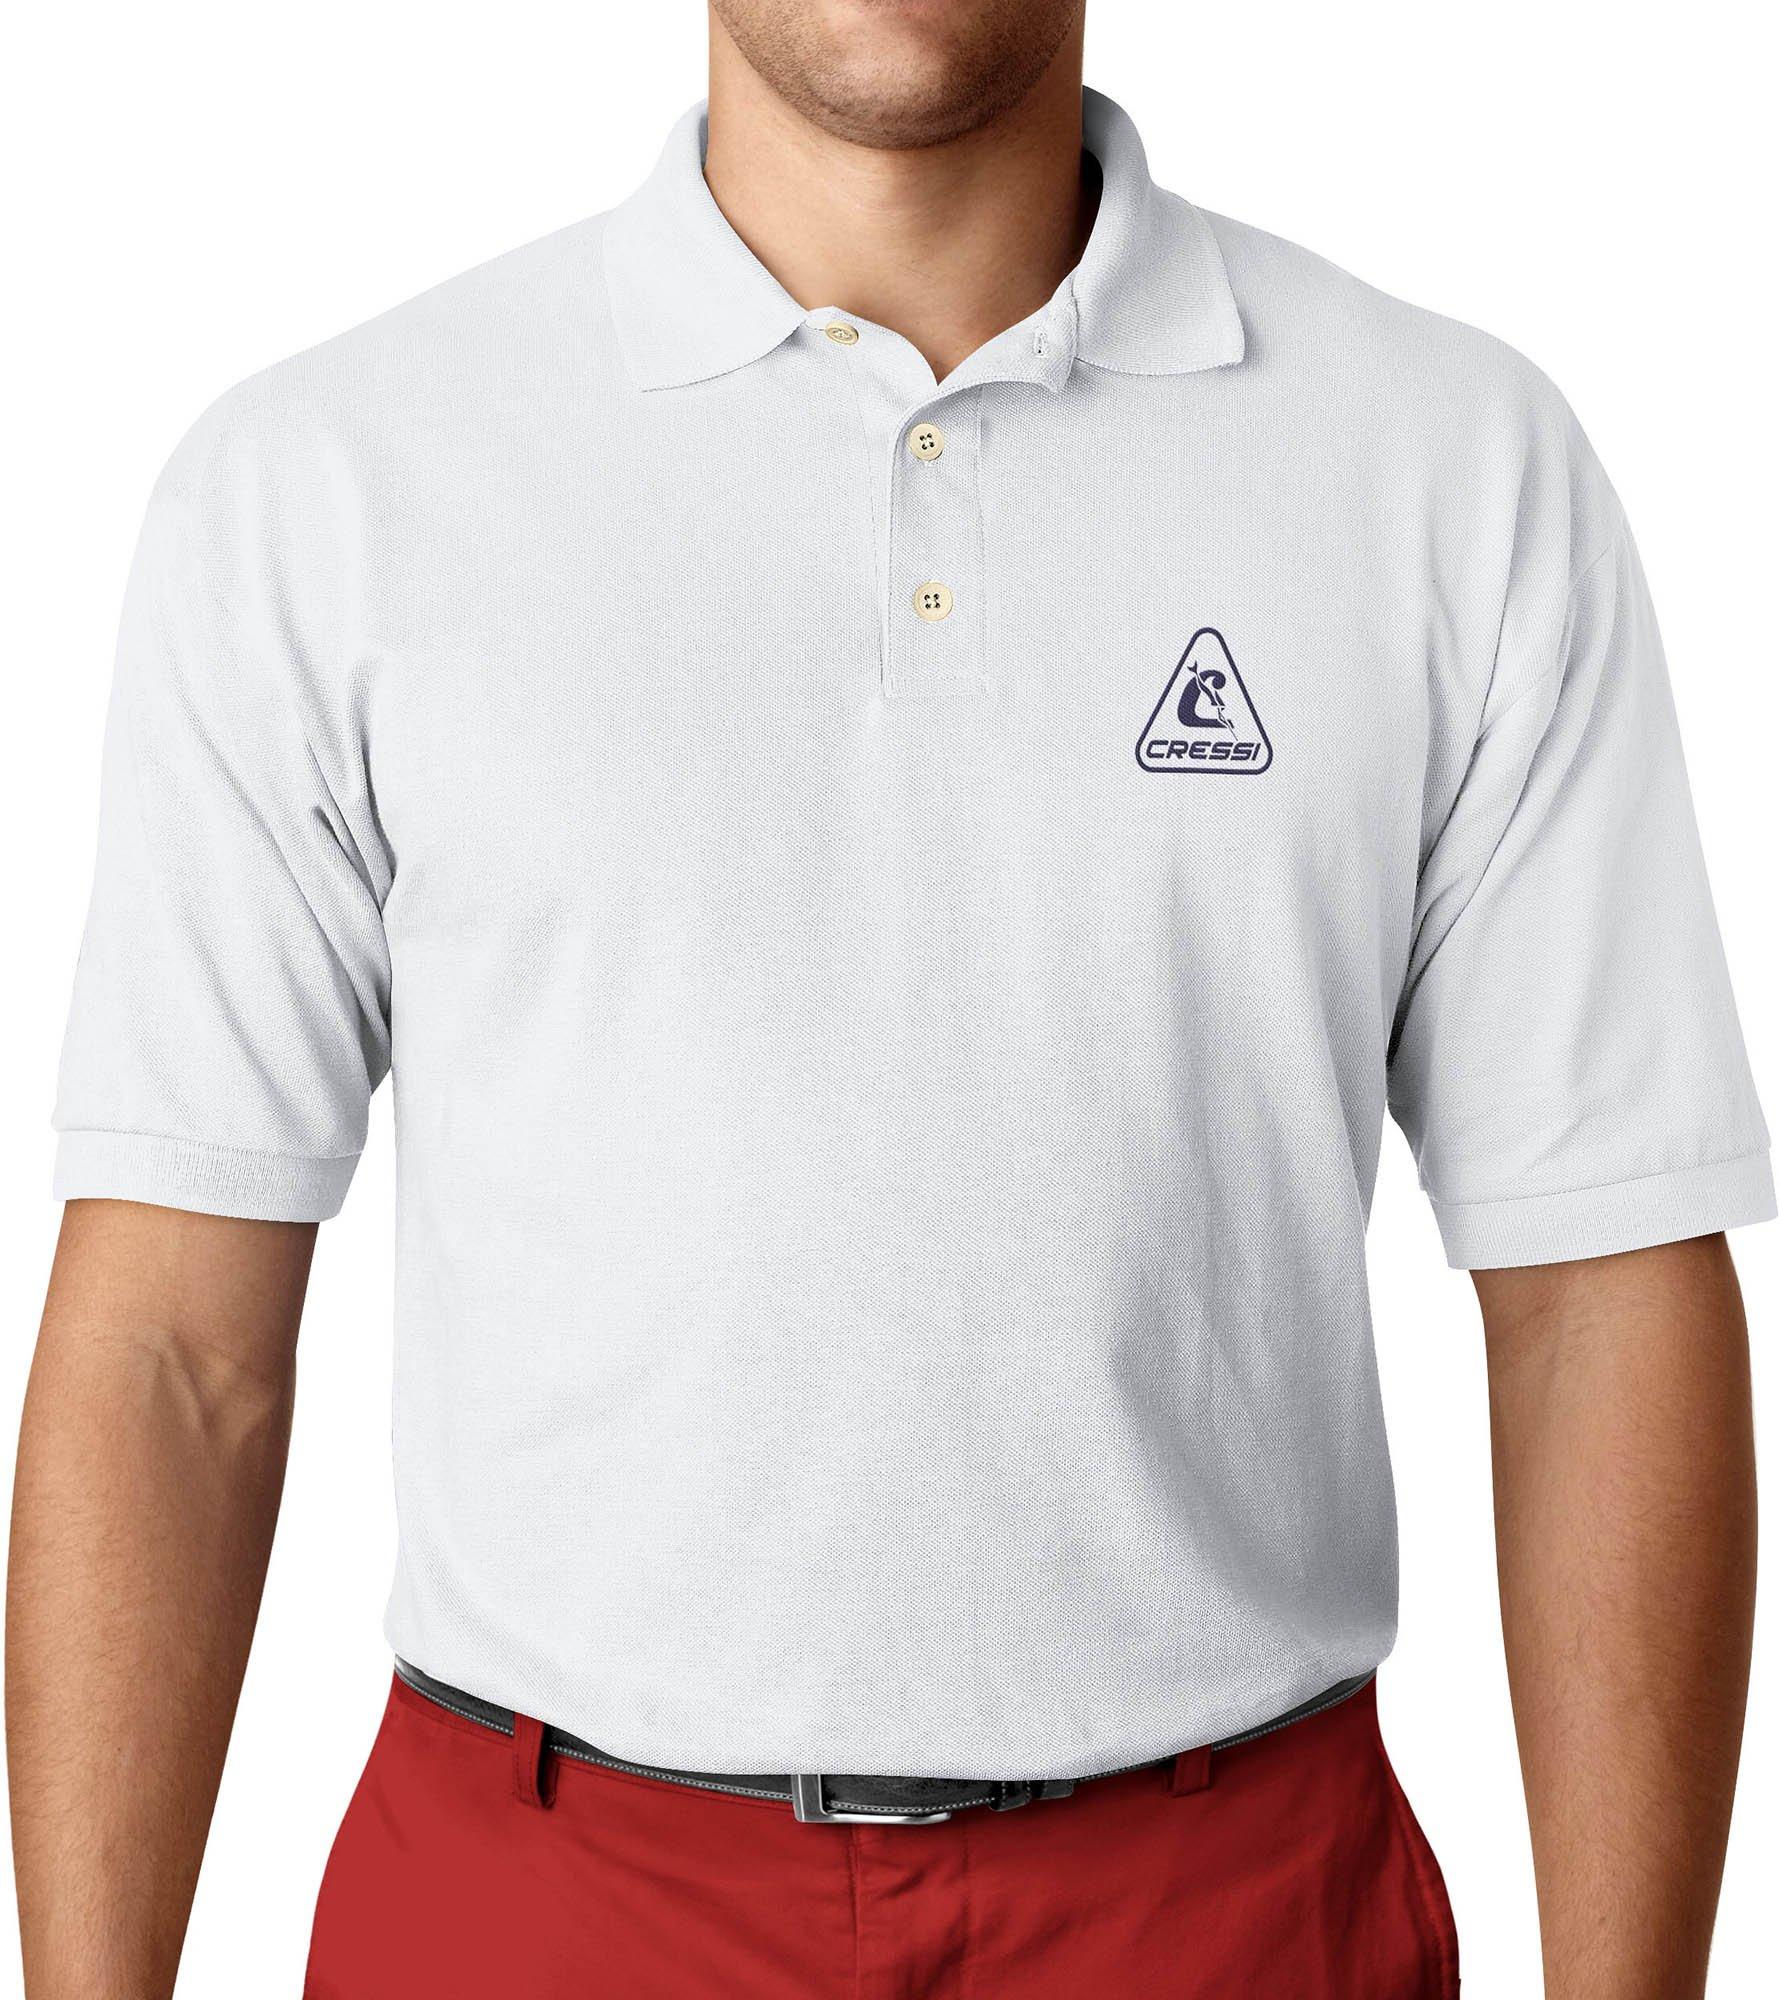 Cressi Herren Shirt Polo, Weiß, 6/XXL